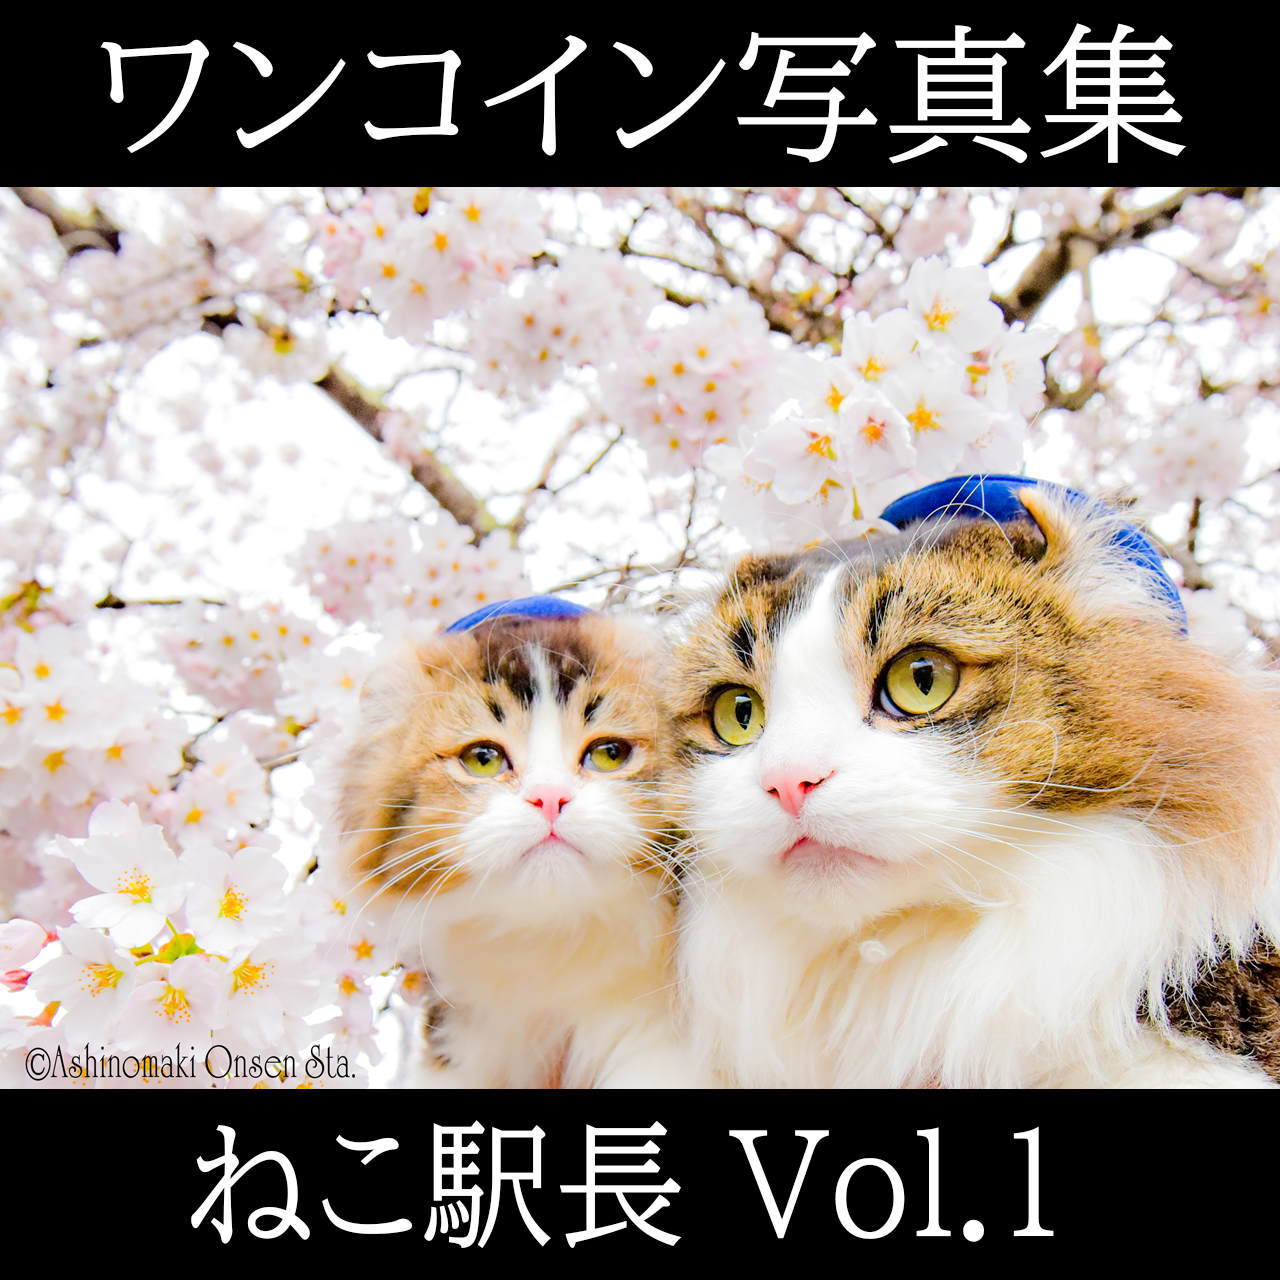 ねこ駅長 ワンコイン写真集 Vol.1